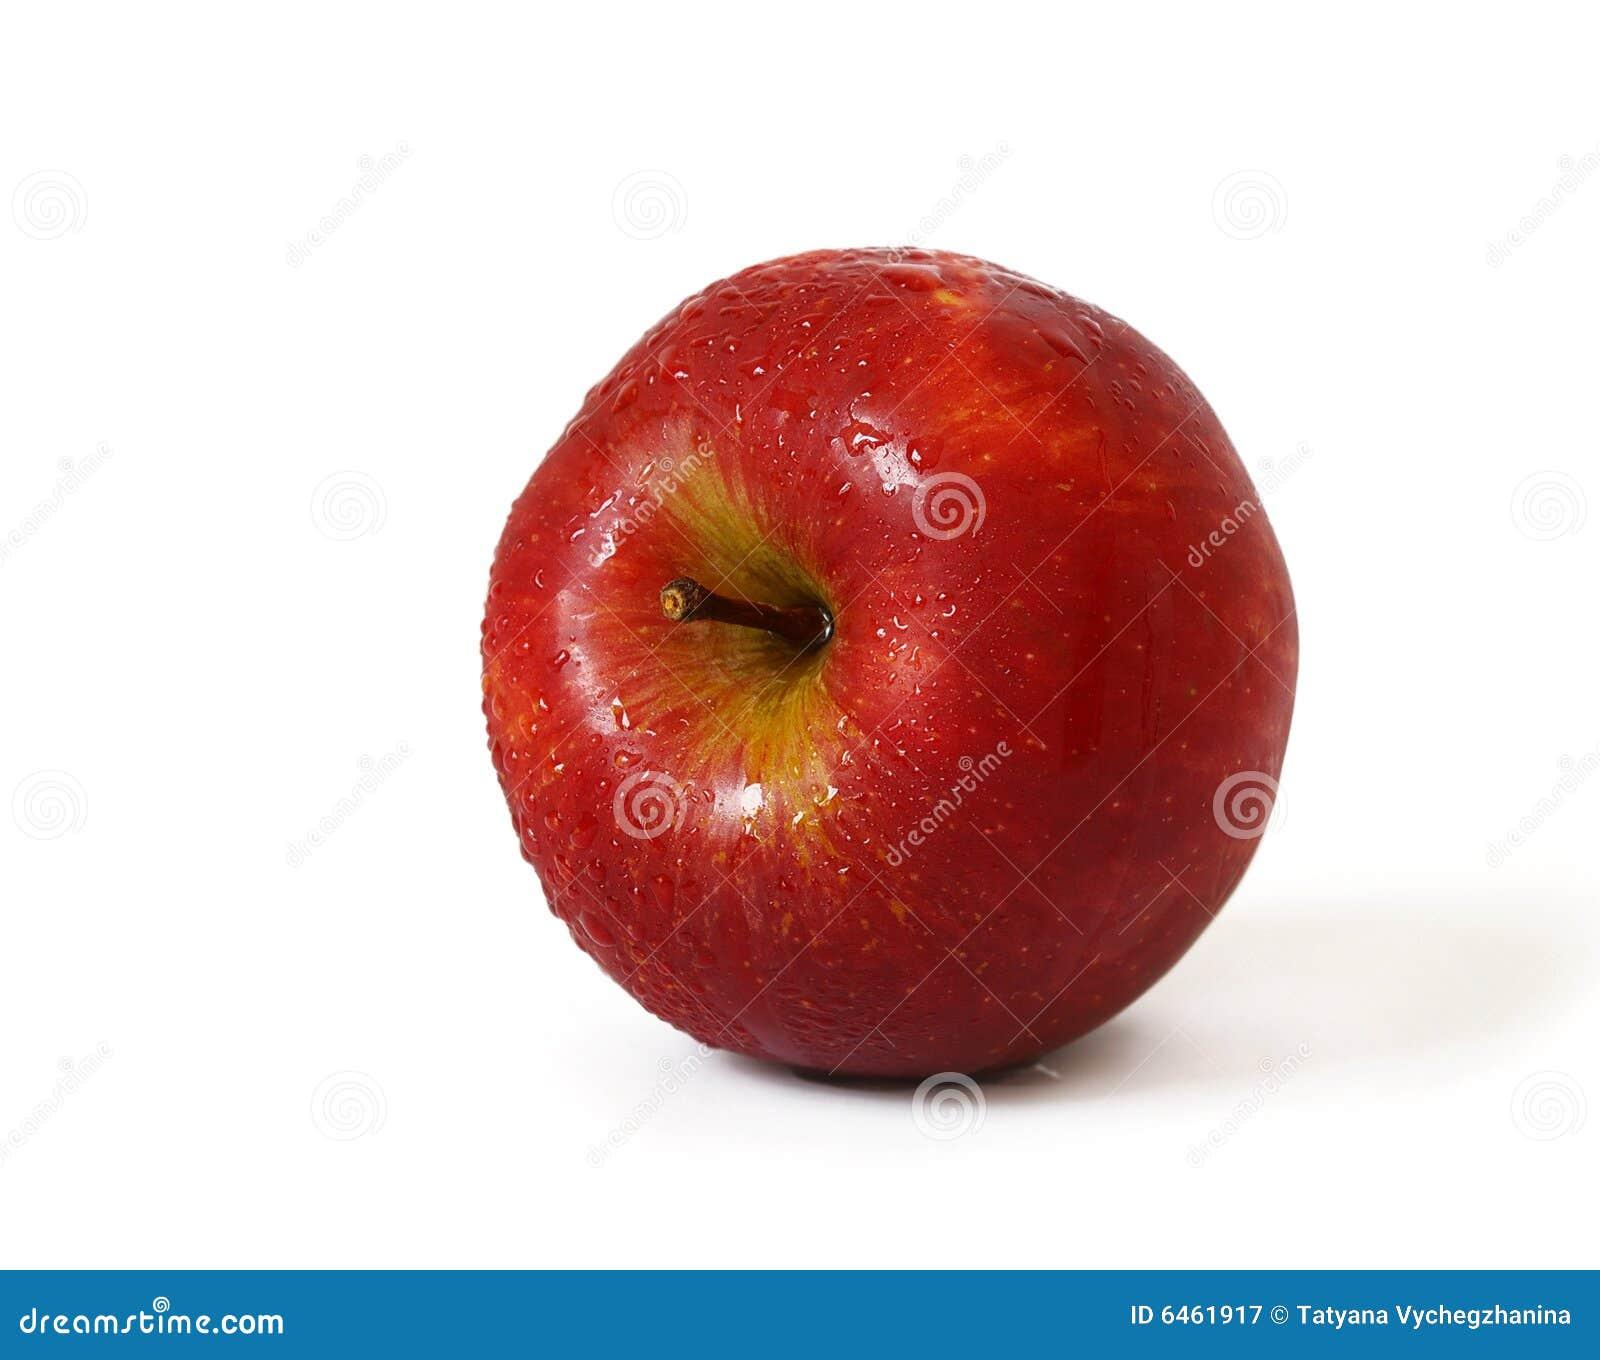 Czerwone jabłko odizolowana